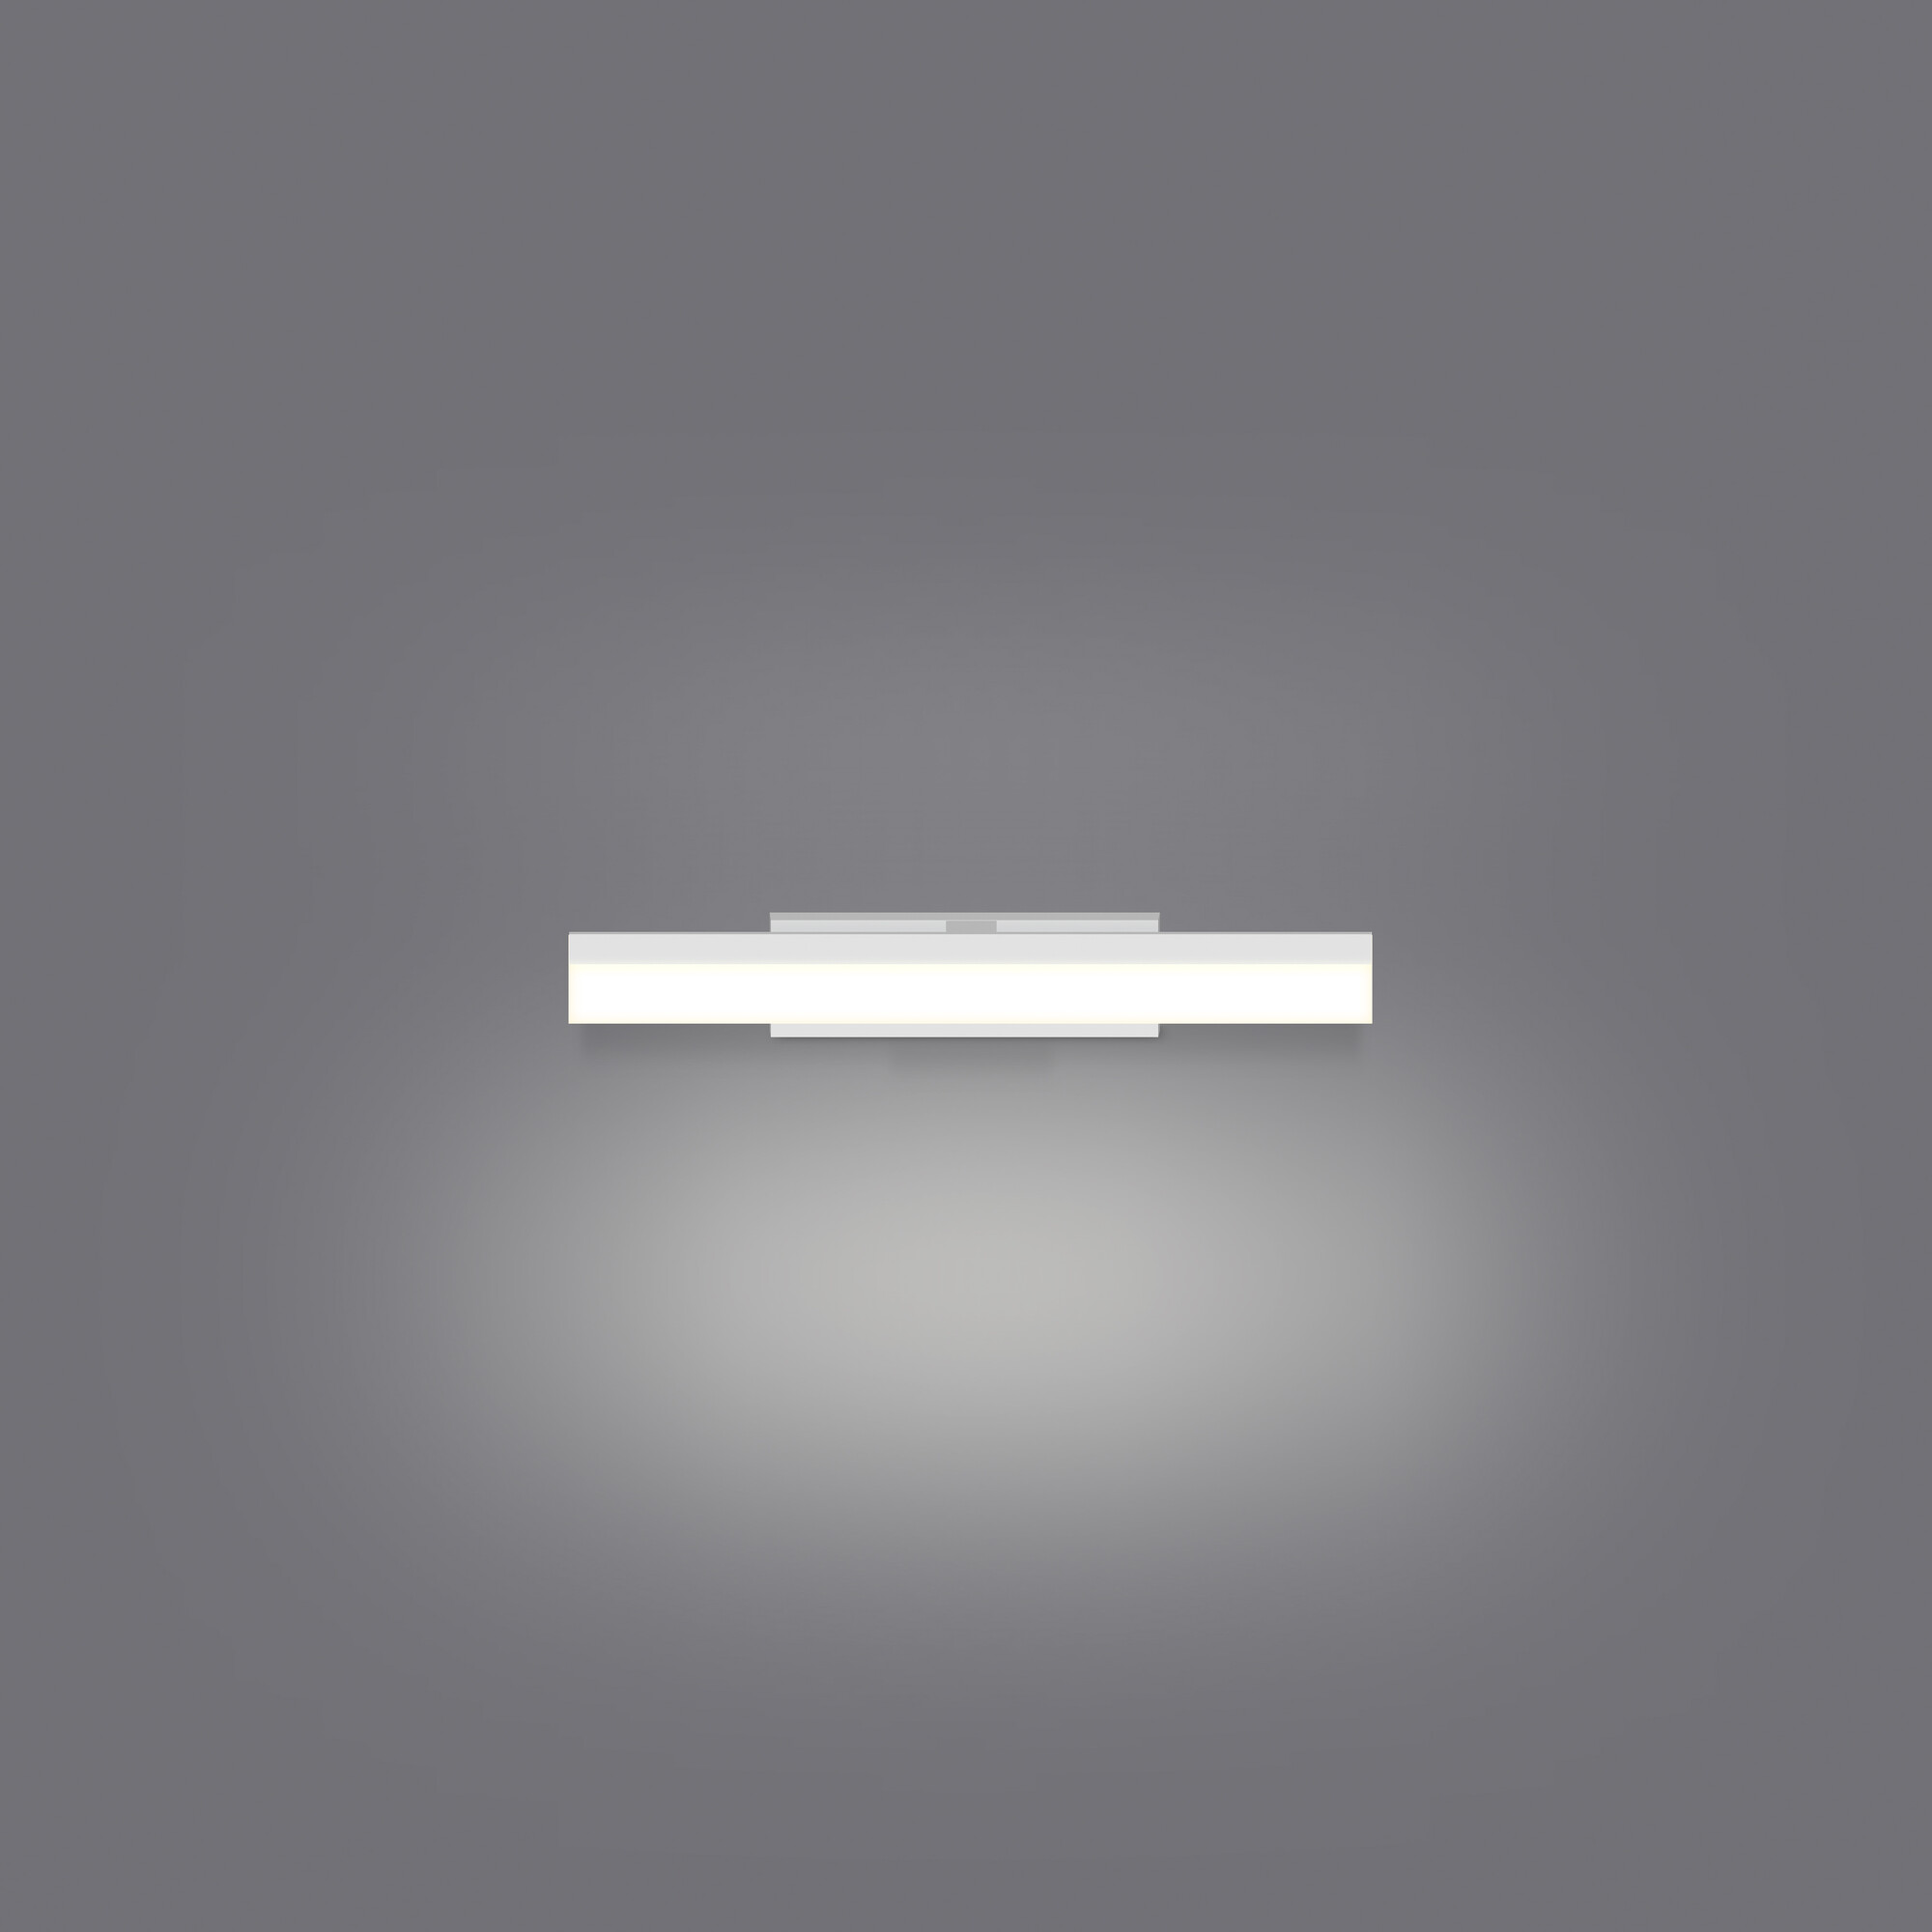 DECADE Wandlamp LED 1x7W/560lm Rechthoekig Wit